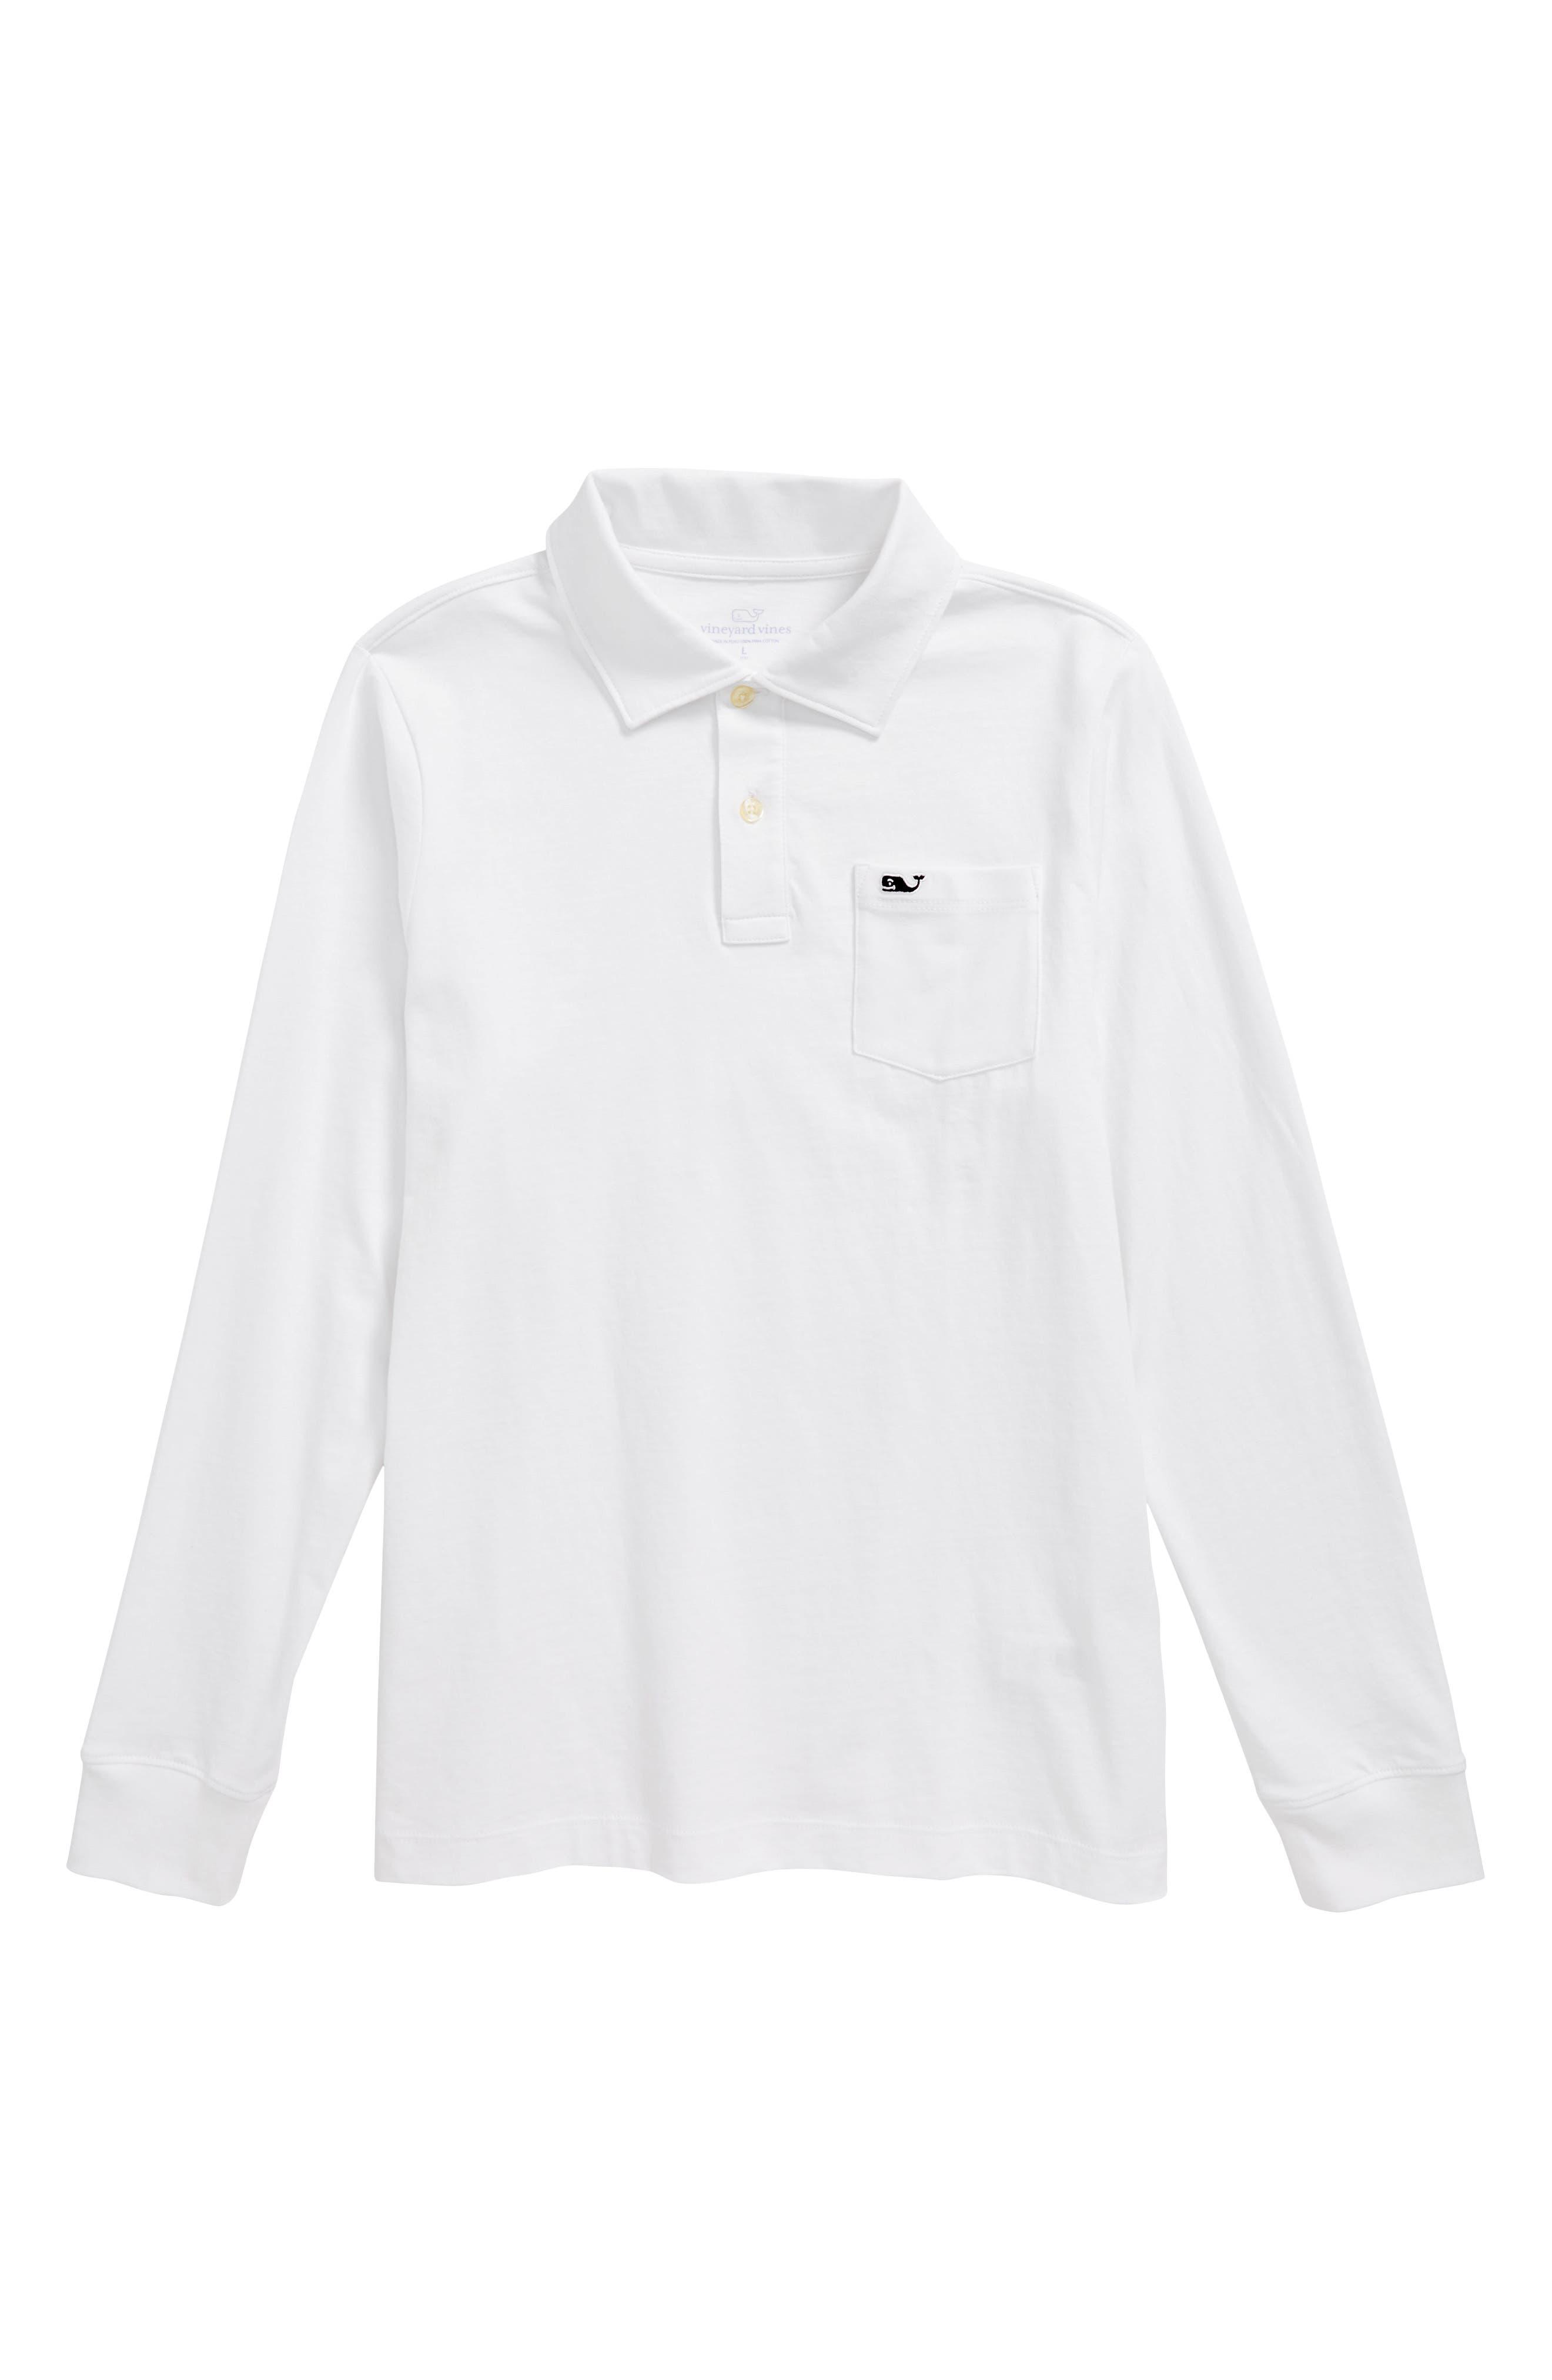 Pima Cotton Jersey Polo,                         Main,                         color, White Cap